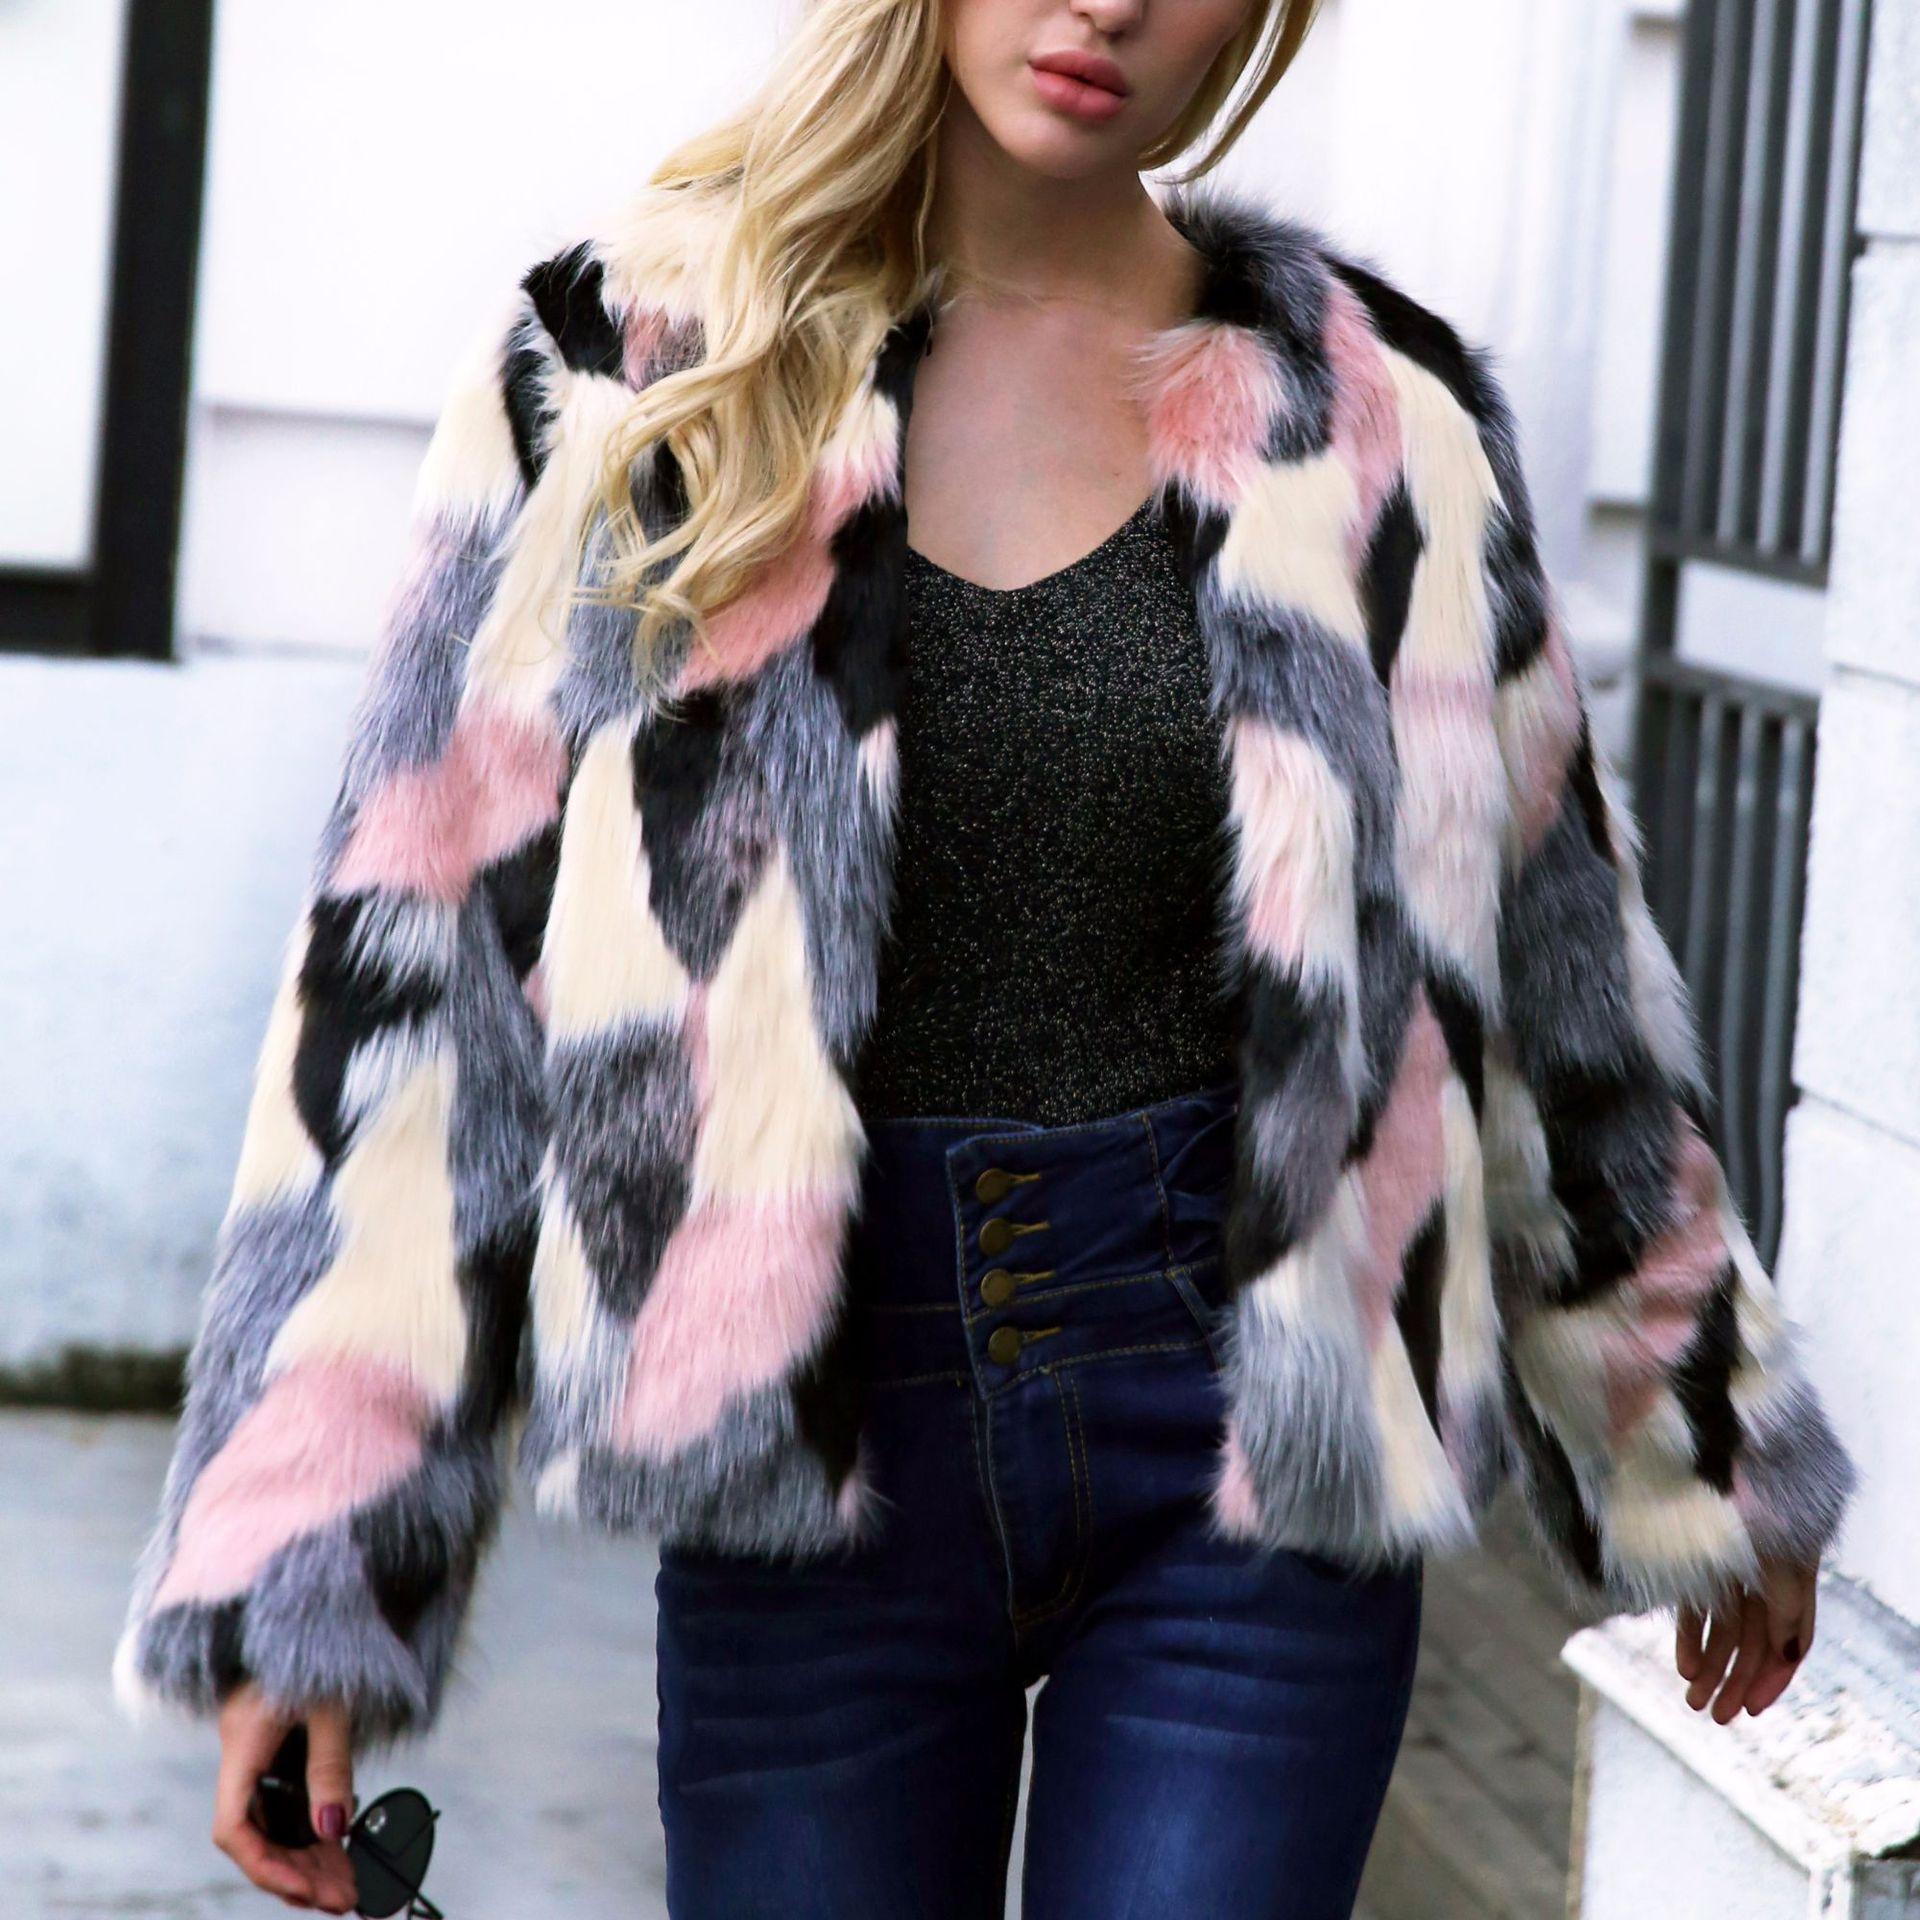 Renard Et F0054 Court Haute Vêtements Femme Manteau Rose Fourrure Imitation Style Couleur Fausse En D'hiver Nouveau De Automne Hit Femmes 5FrqaxFP